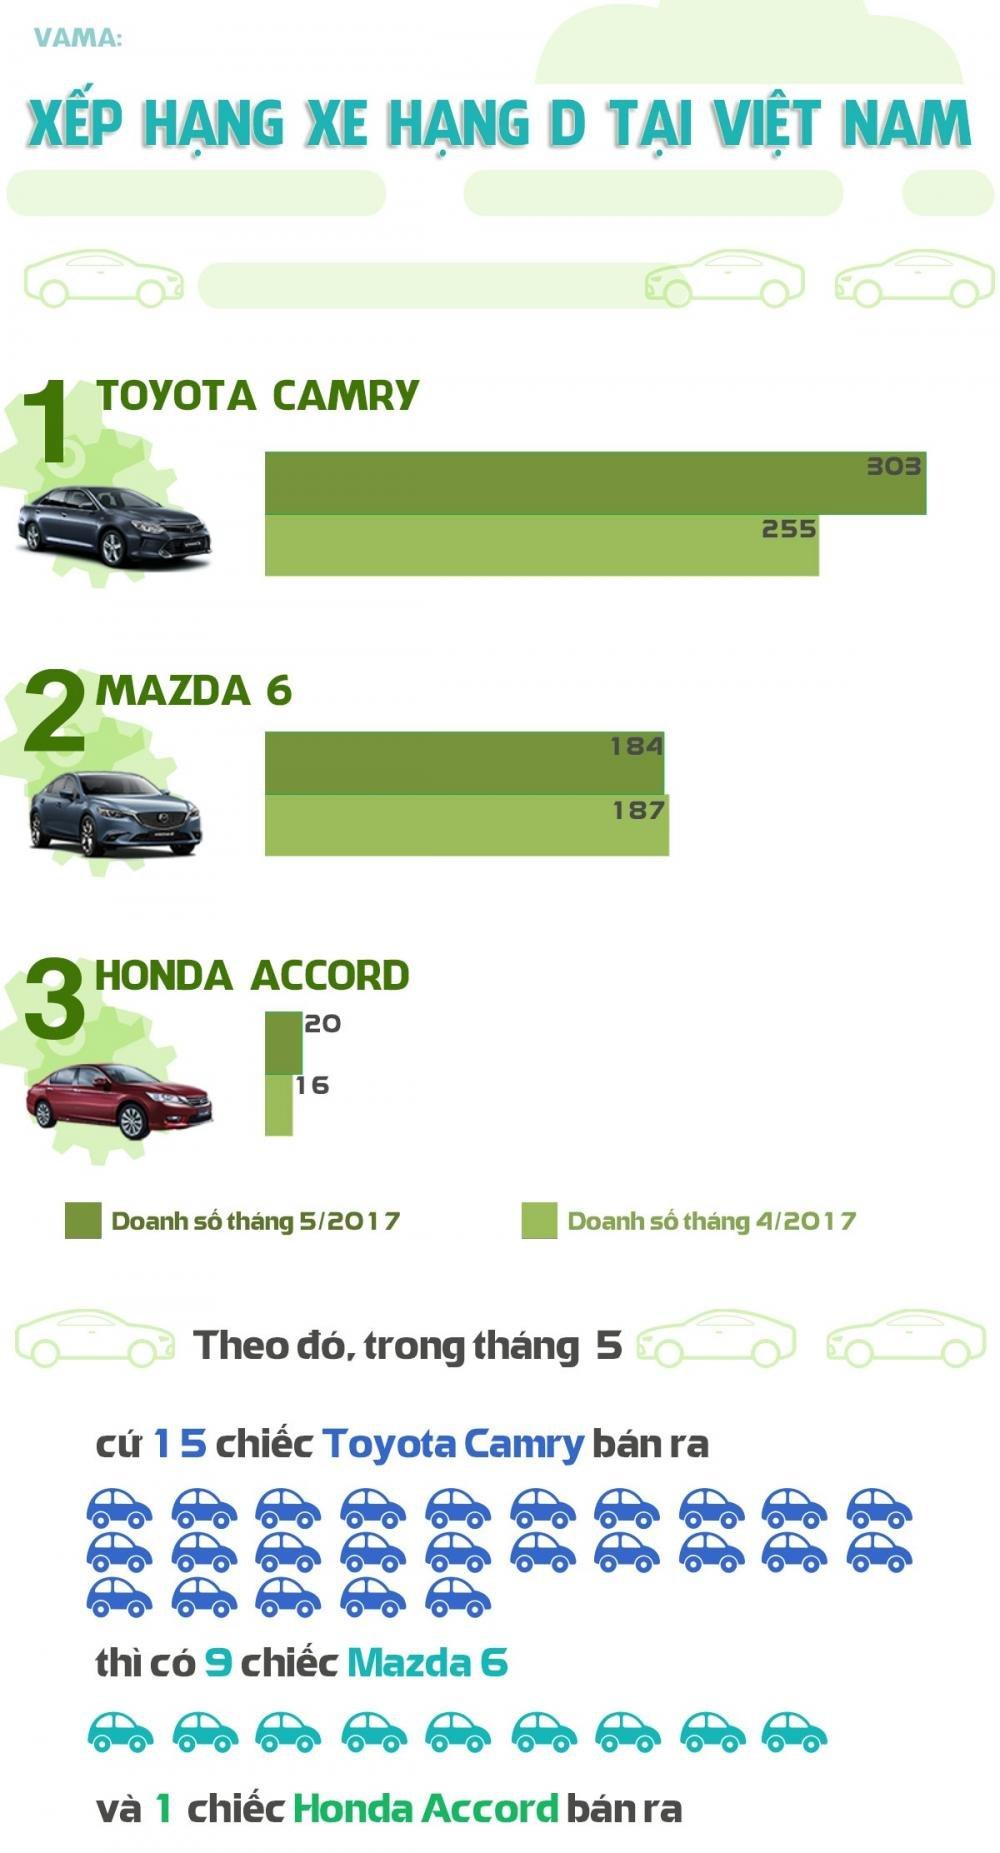 Doanh số bán hàng của ô tô hạng D tại Việt Nam tháng 4 và 5/2017 a2